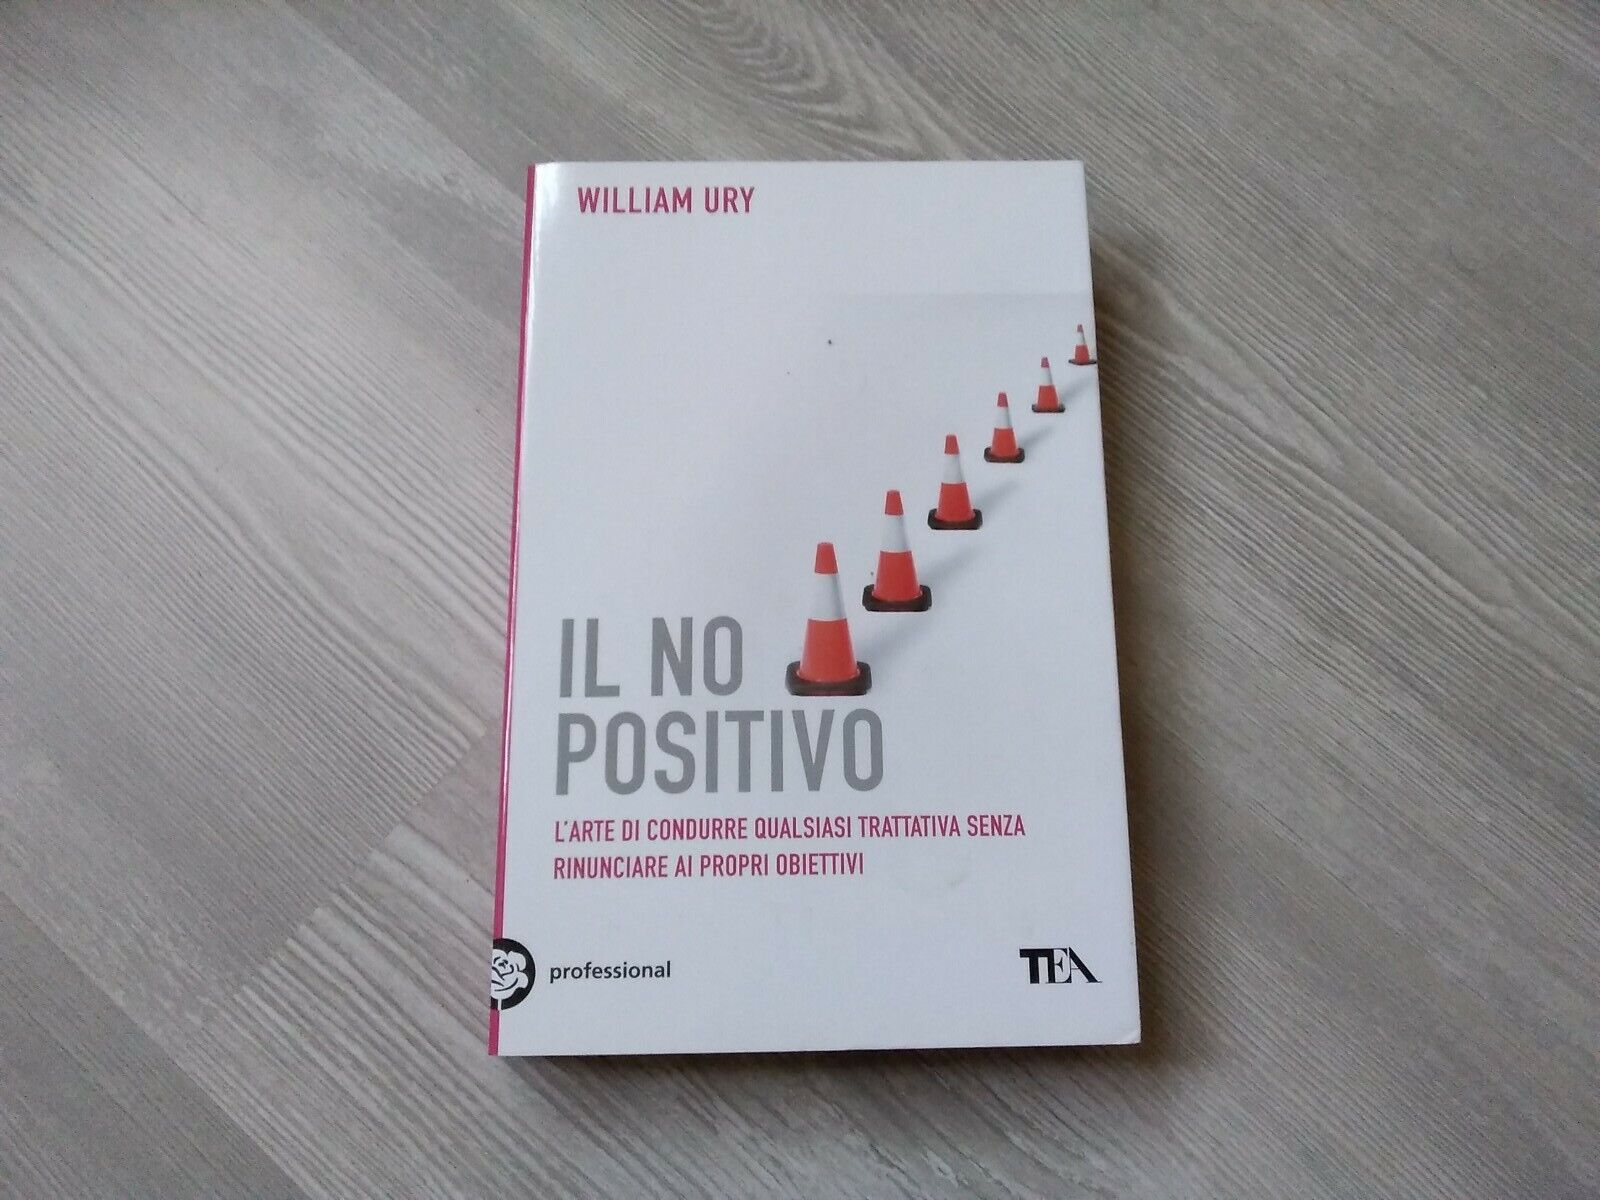 William Ury. Il no positivo: l'arte di condurre qualsiasi trattativa. TEA, 2013